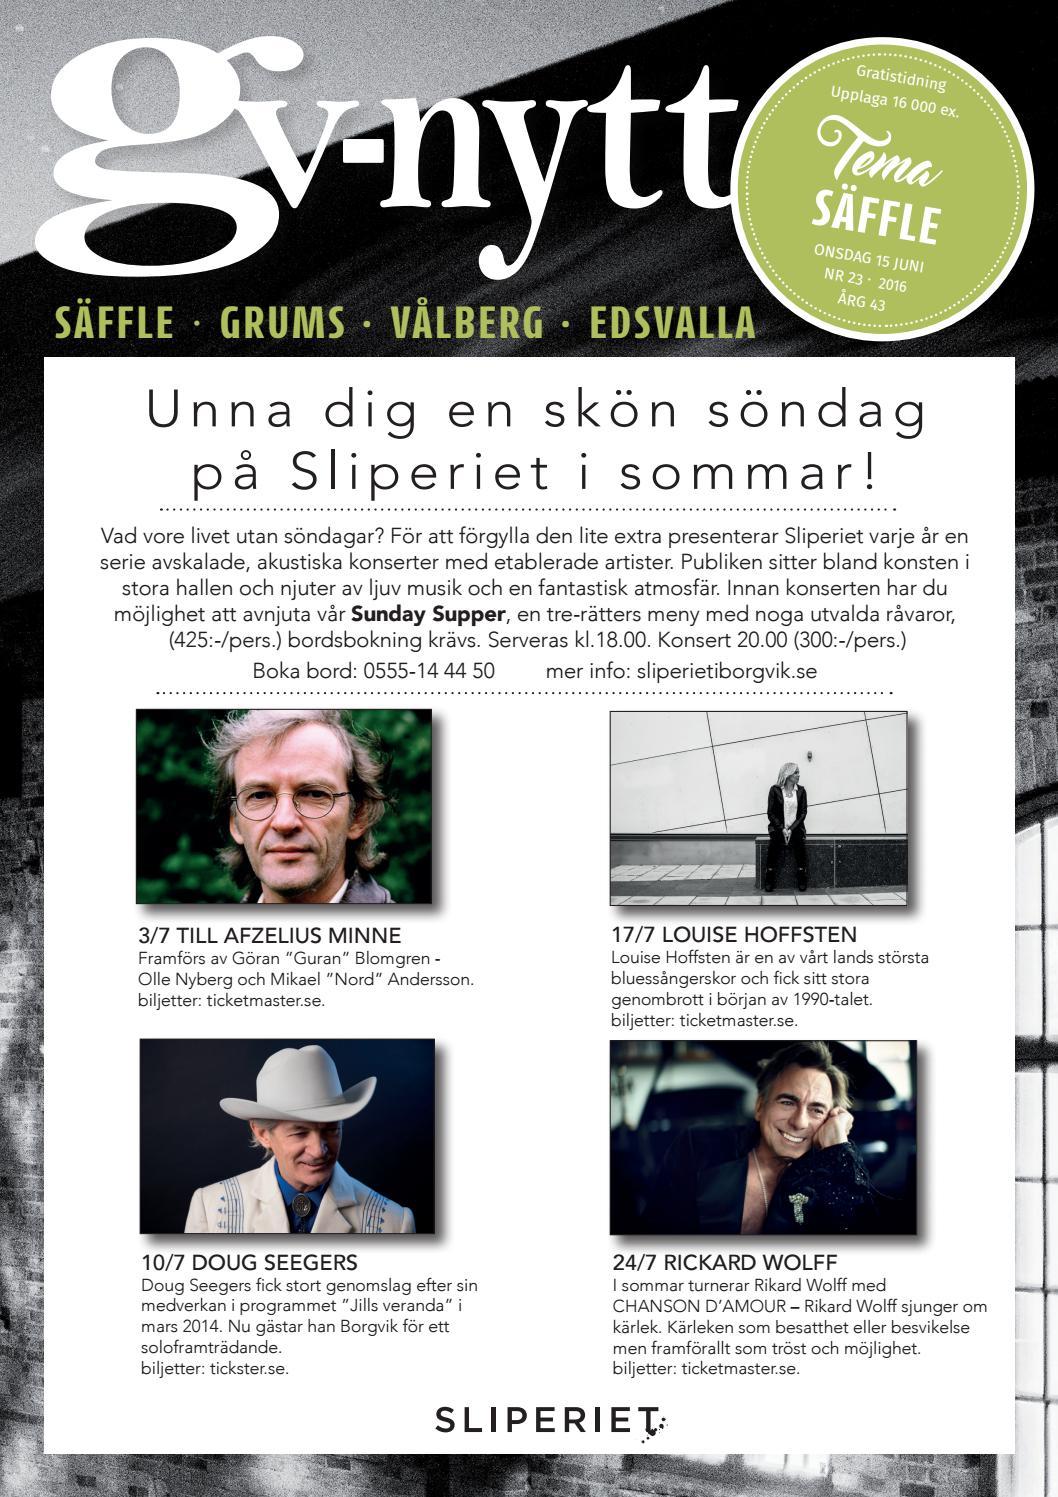 Mariette Eriksson, 60 r i Vlberg p - unam.net